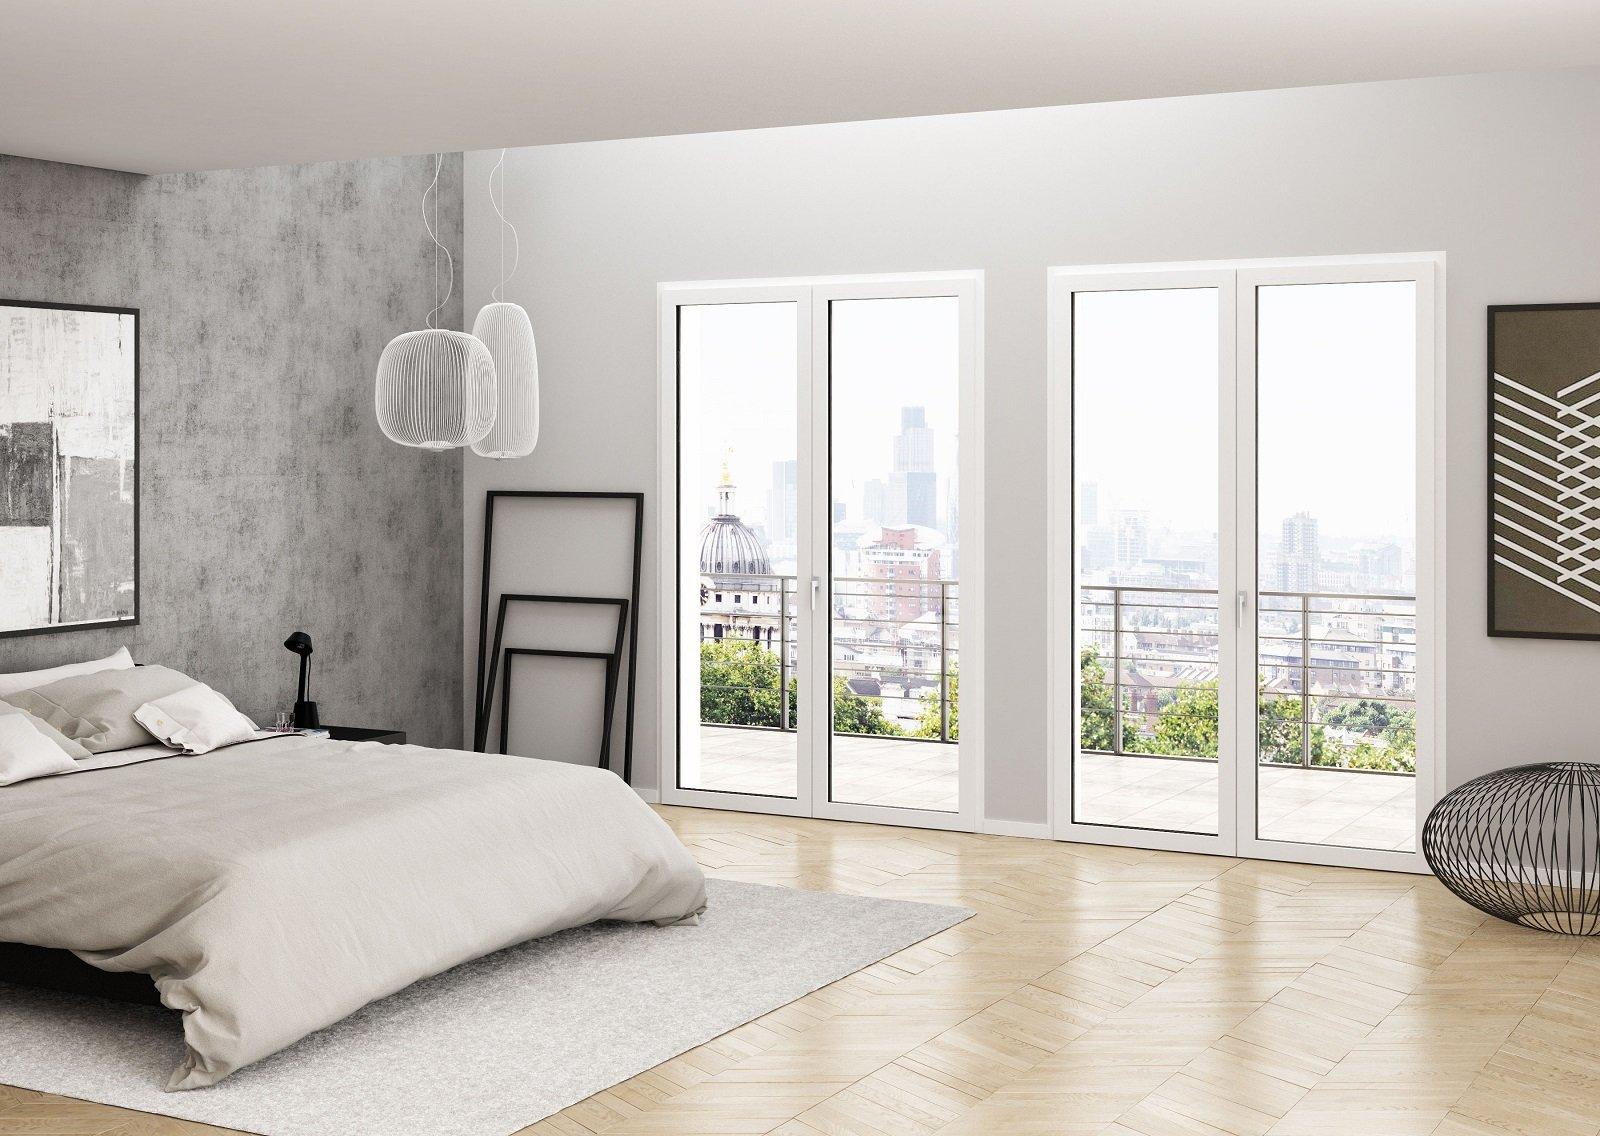 Finestre Con Ridotti Profili Per Tanta Luminosità Nell Ambiente